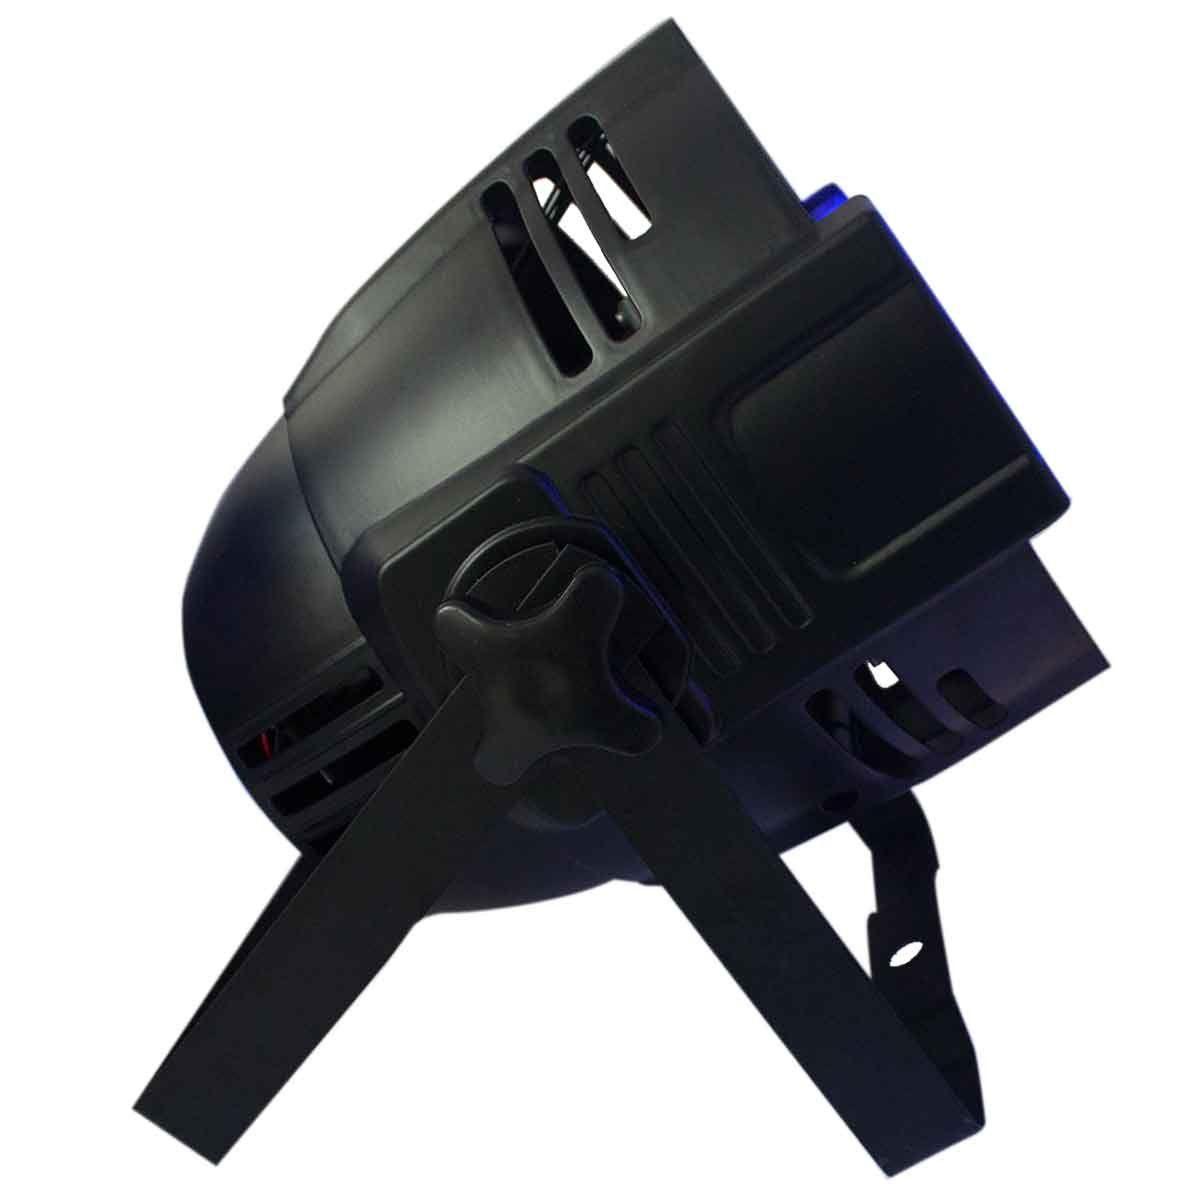 Canhão Refletor 54 Leds Opt Par Rgb Led Dmx Digital Bivolt